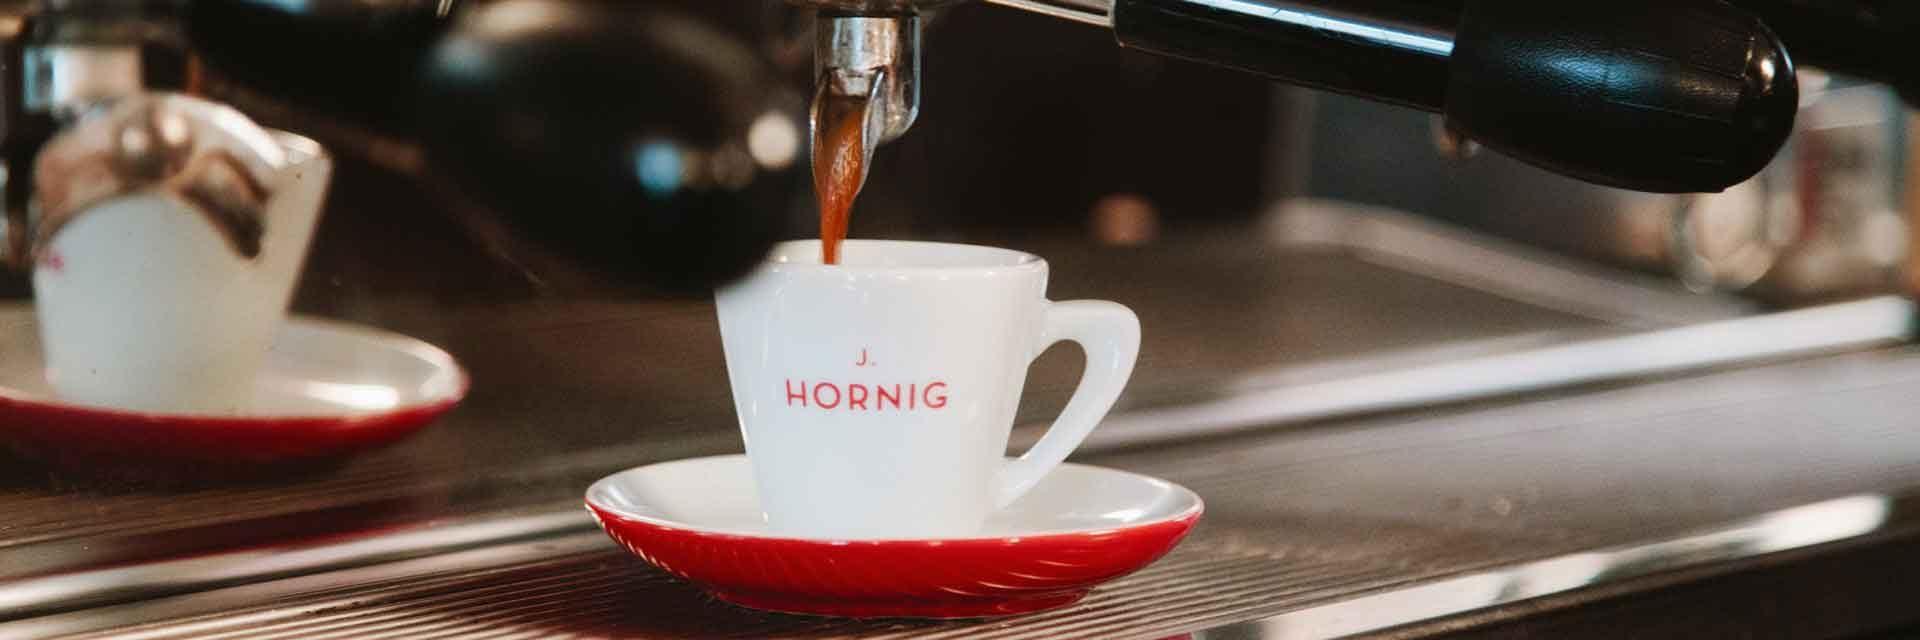 Kaffee für die Gastronomie